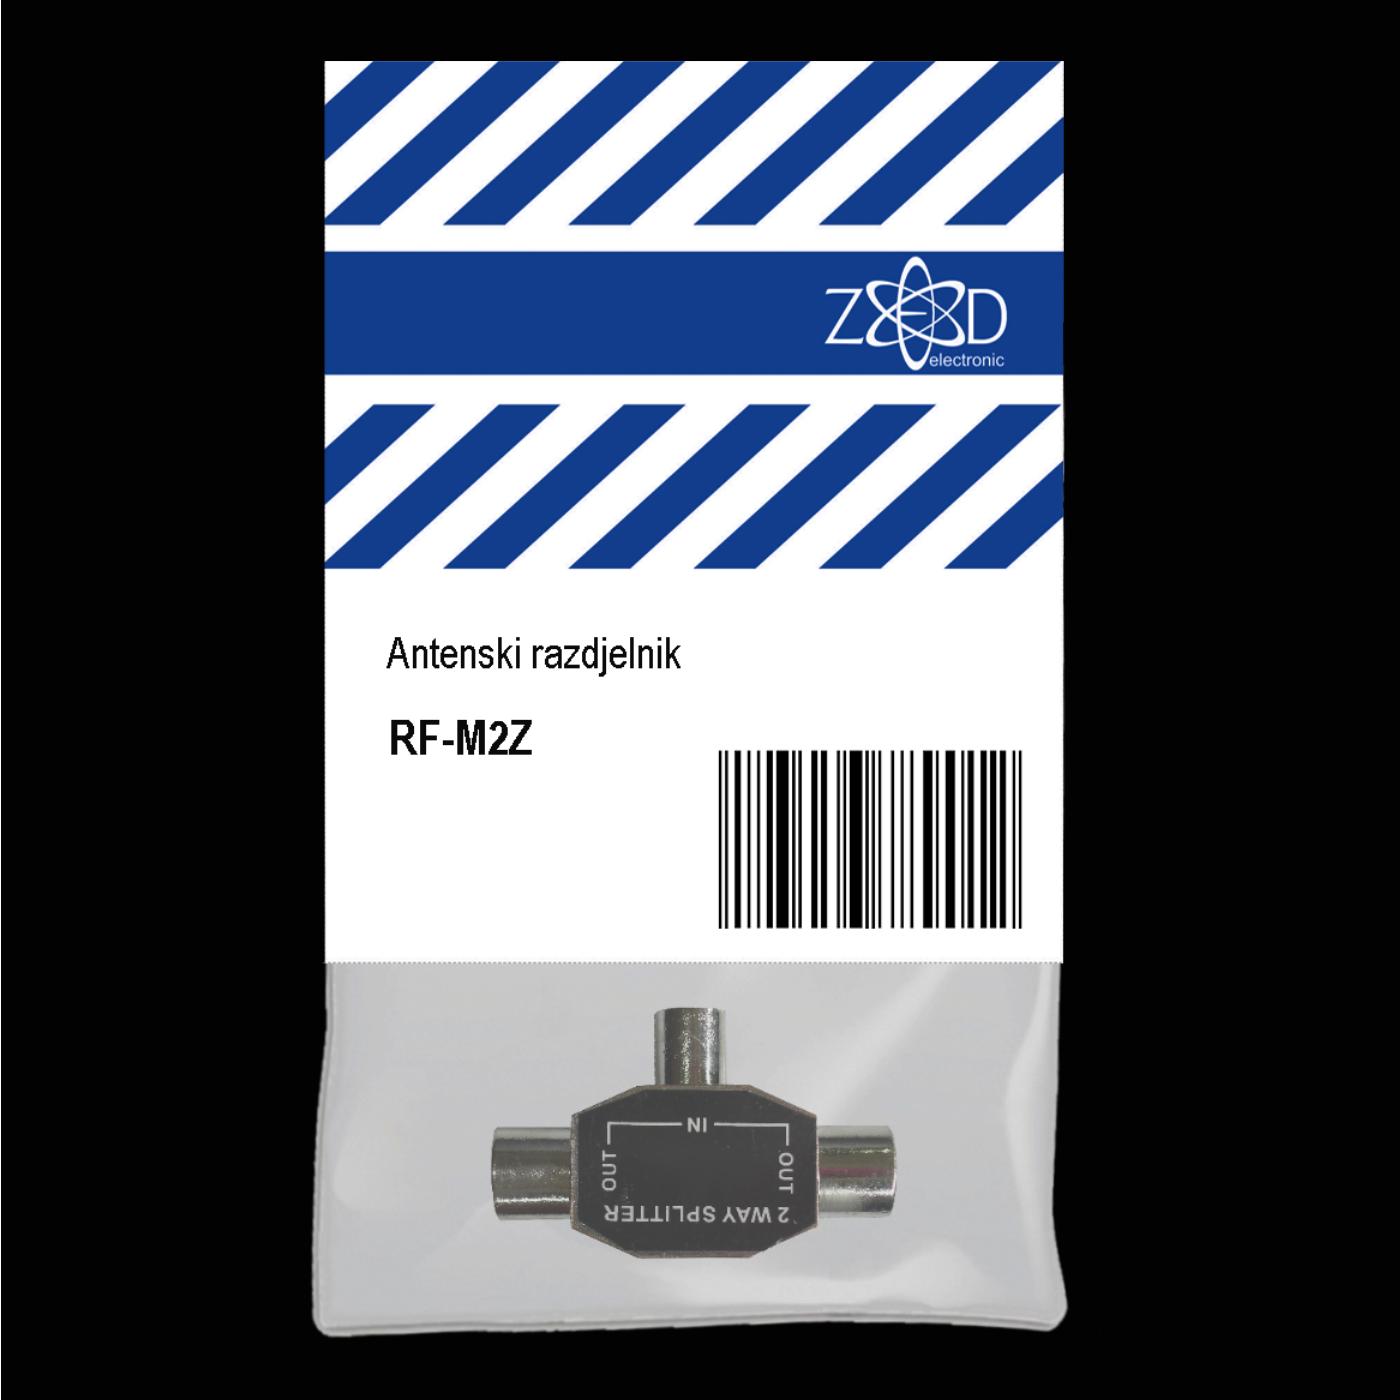 ZED electronic - RF-M2Z